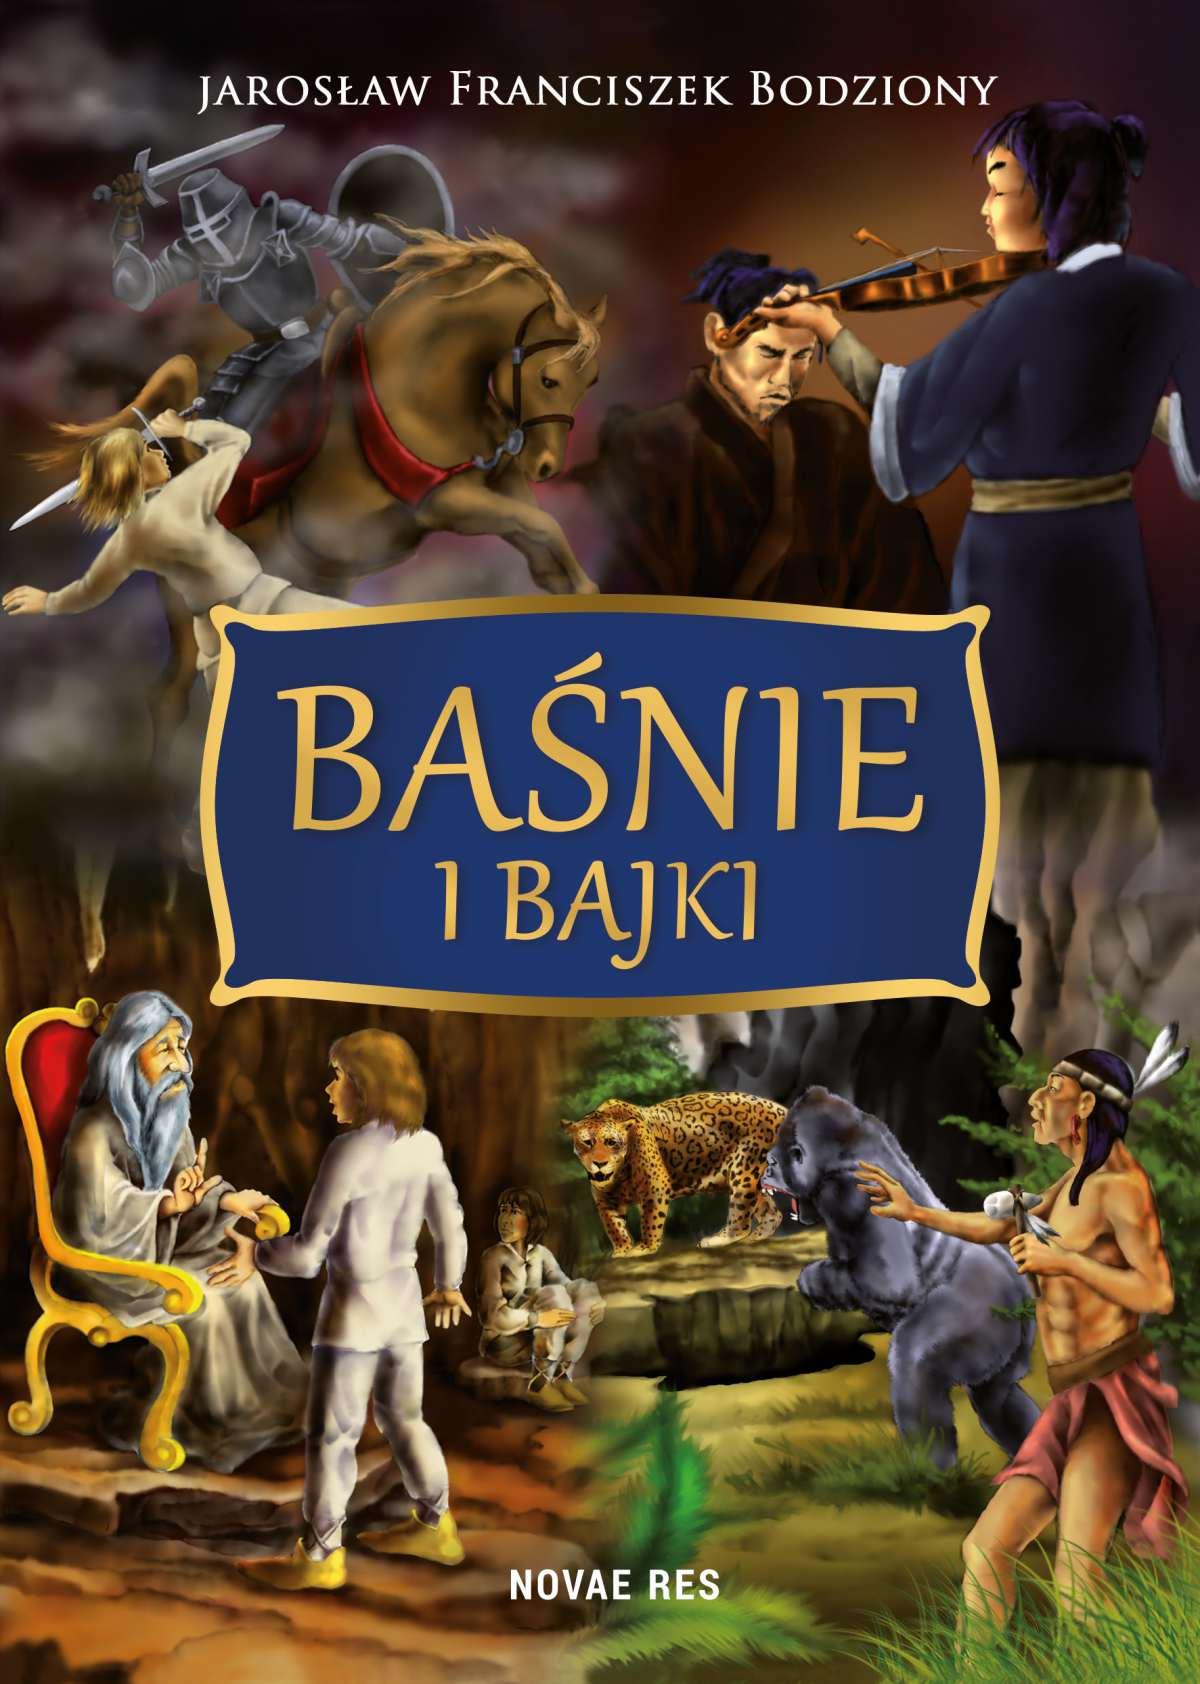 Baśnie i bajki - Ebook (Książka na Kindle) do pobrania w formacie MOBI